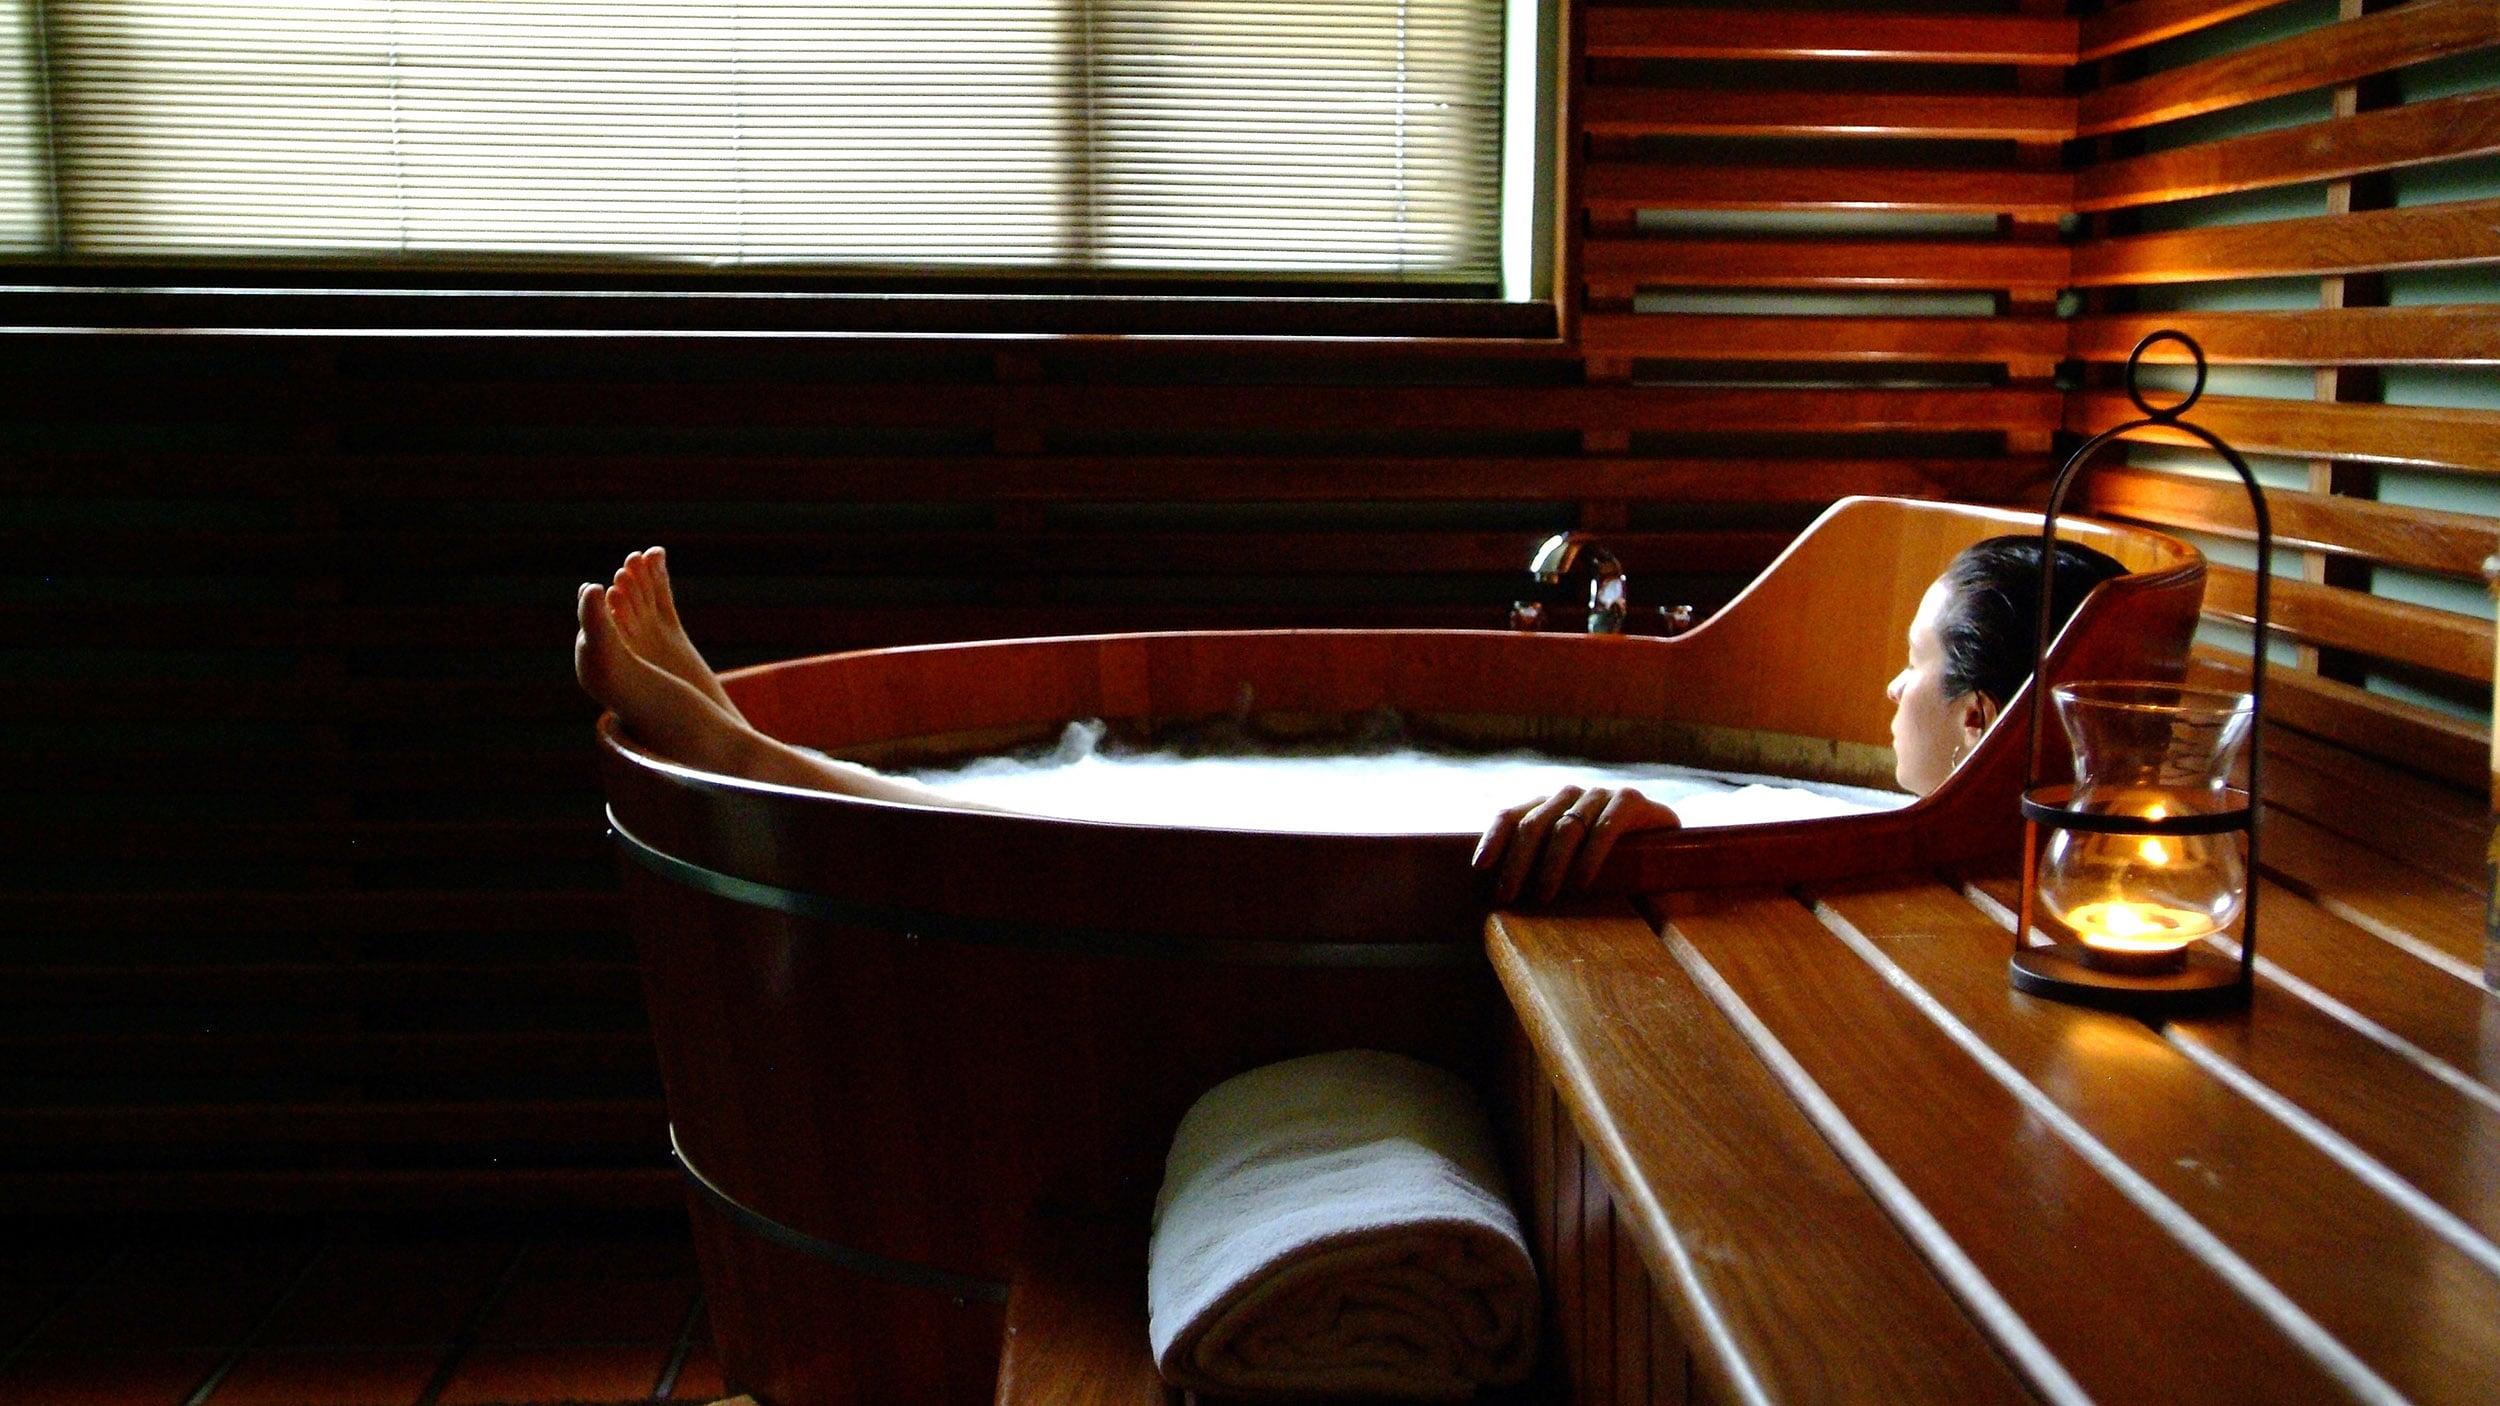 Японская баня офуро своими руками: технология строительства. японская баня: восточная экзотика на русский манер